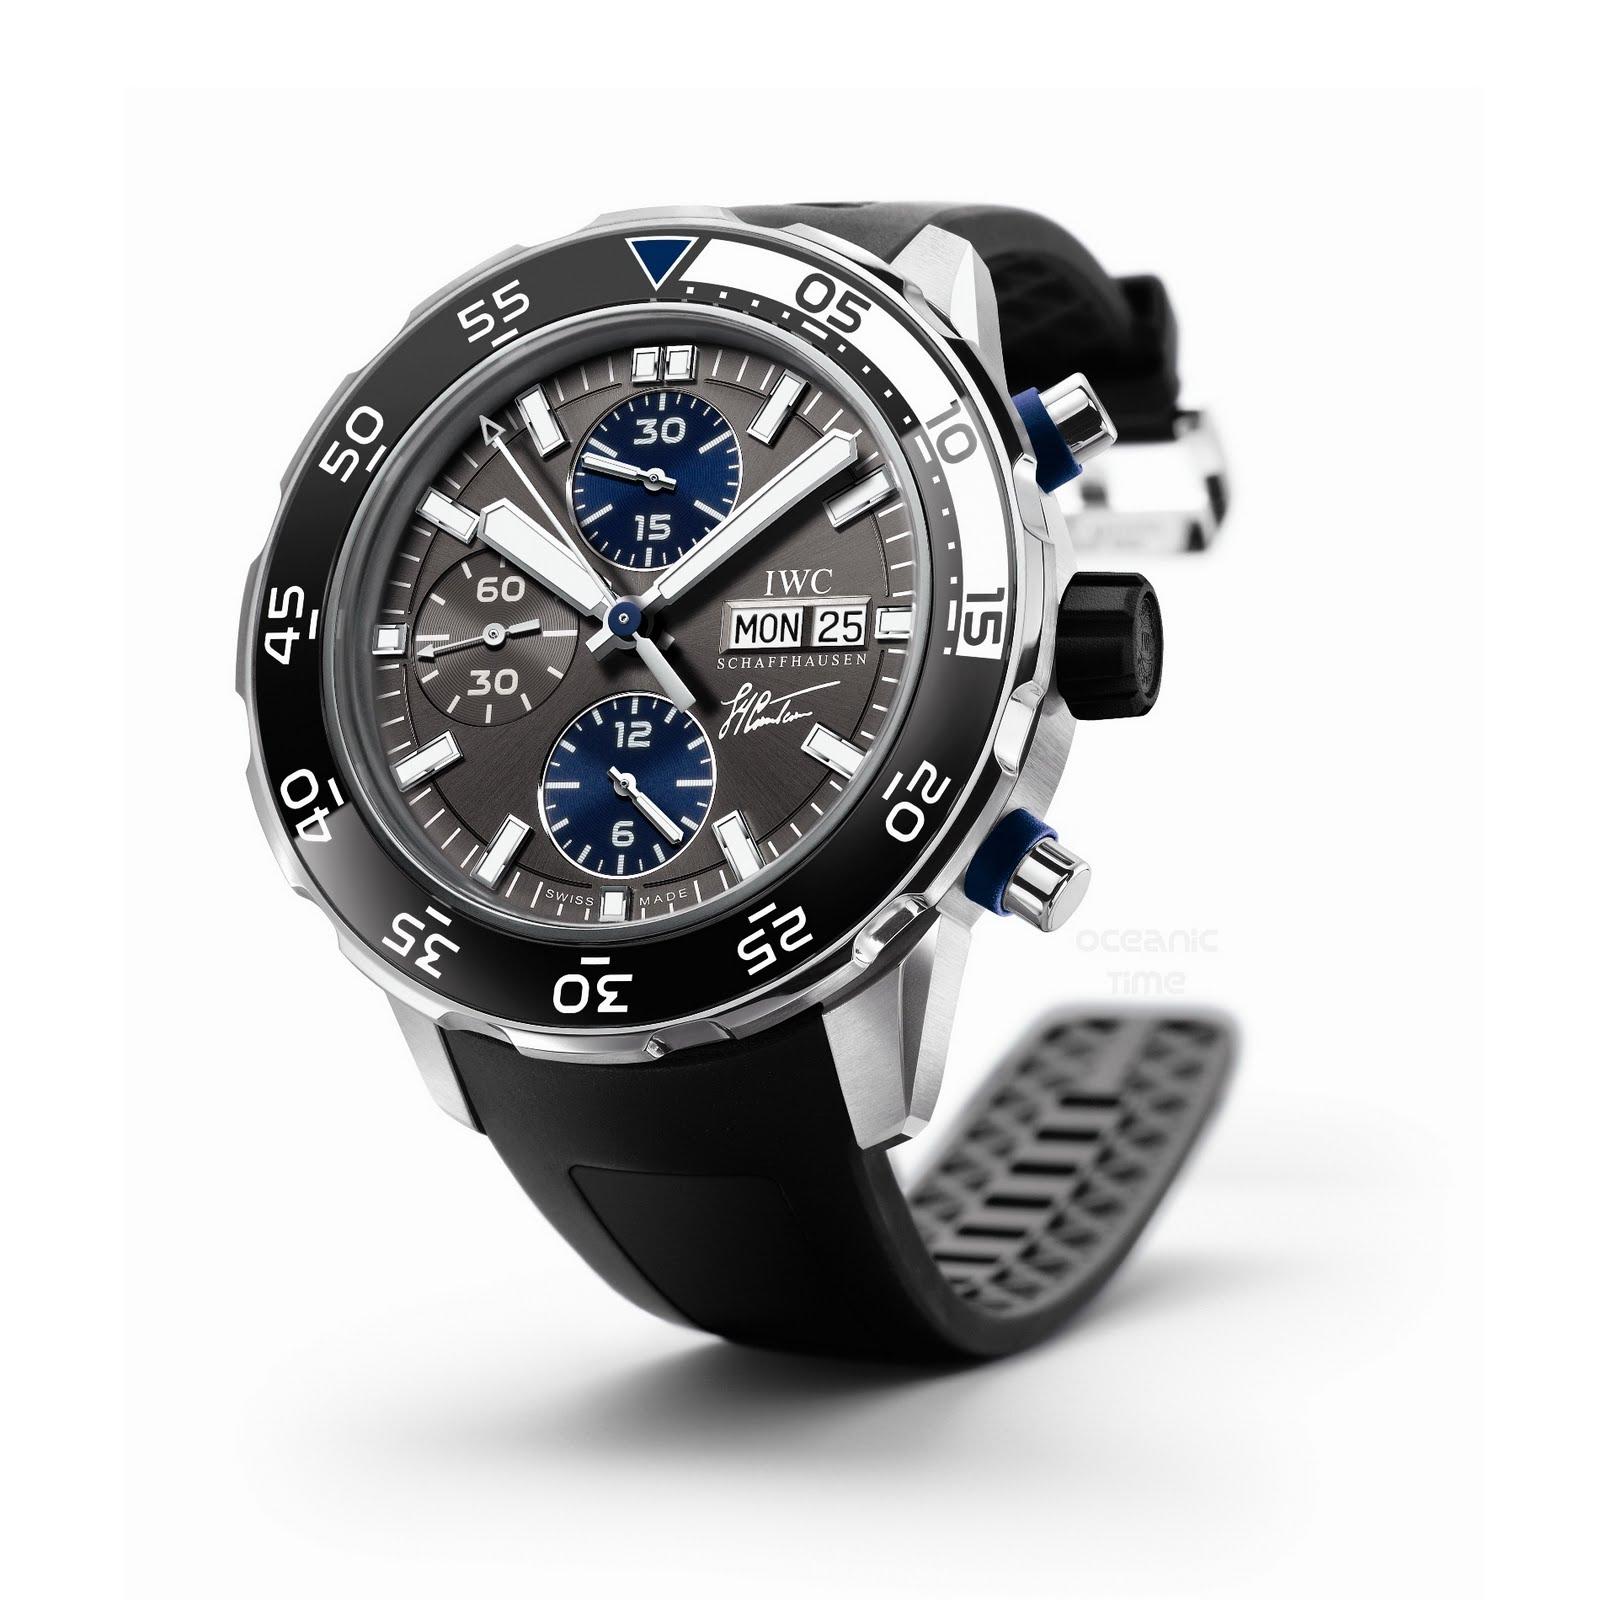 Iwc Aquatimer Vs Rolex Submariner